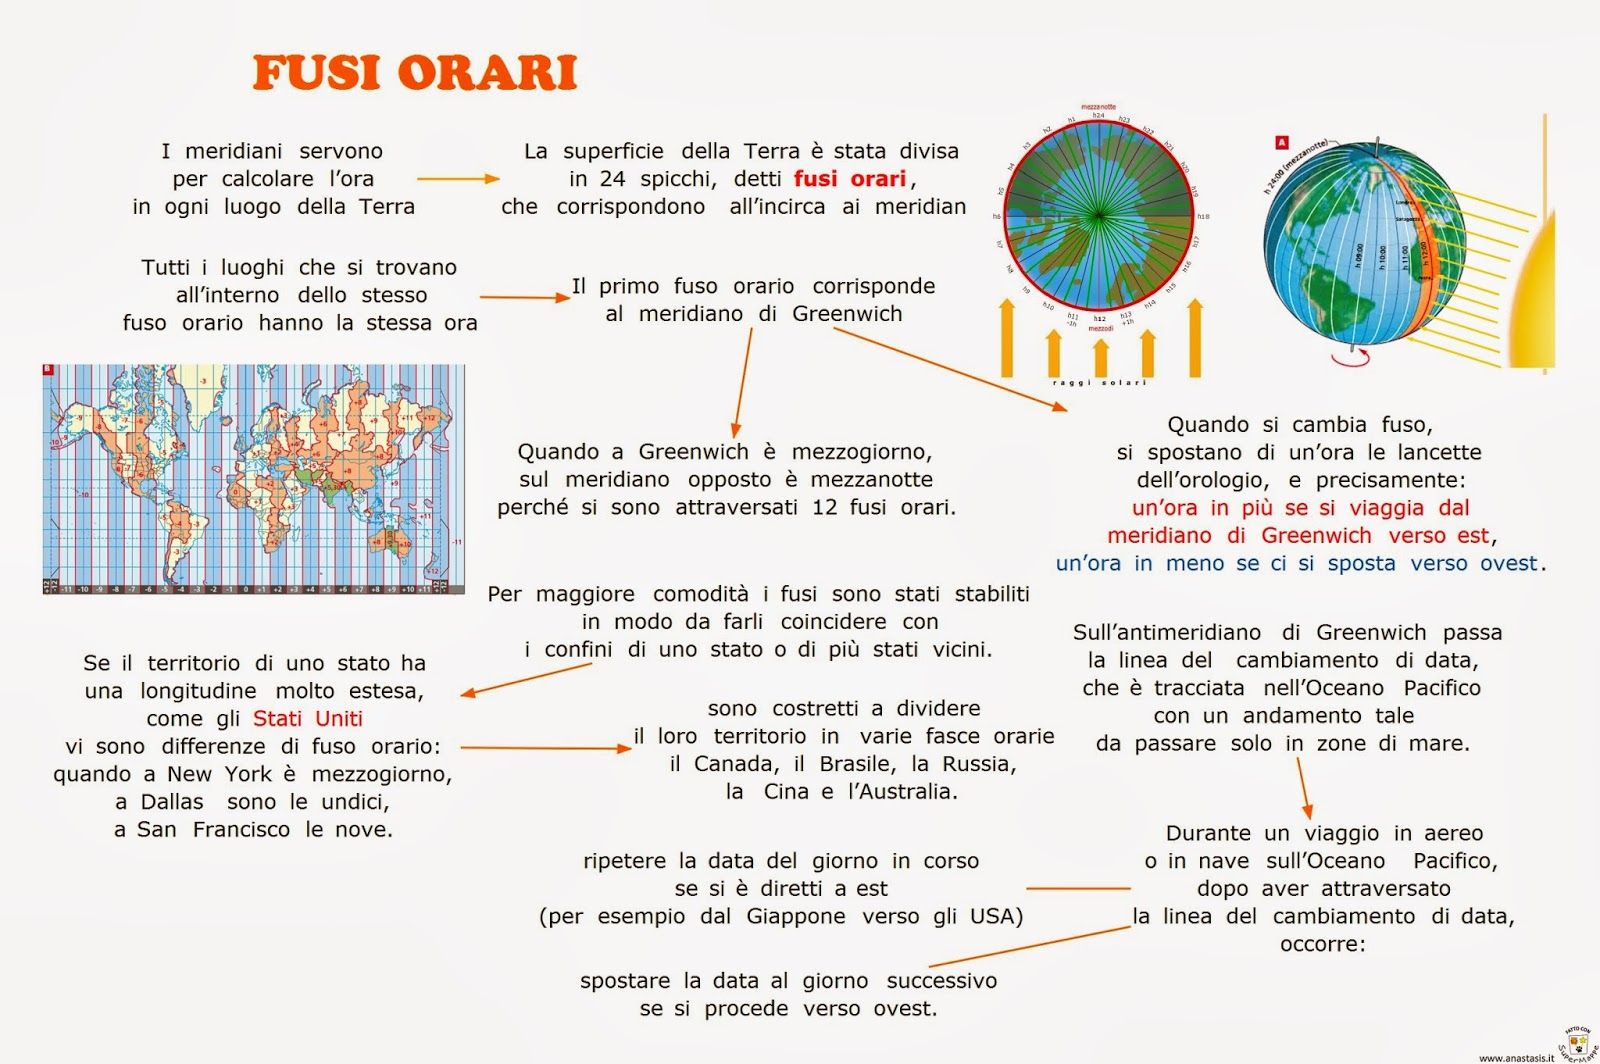 Cartina Fusi Orari Nel Mondo.Paradiso Delle Mappe Fusi Orari